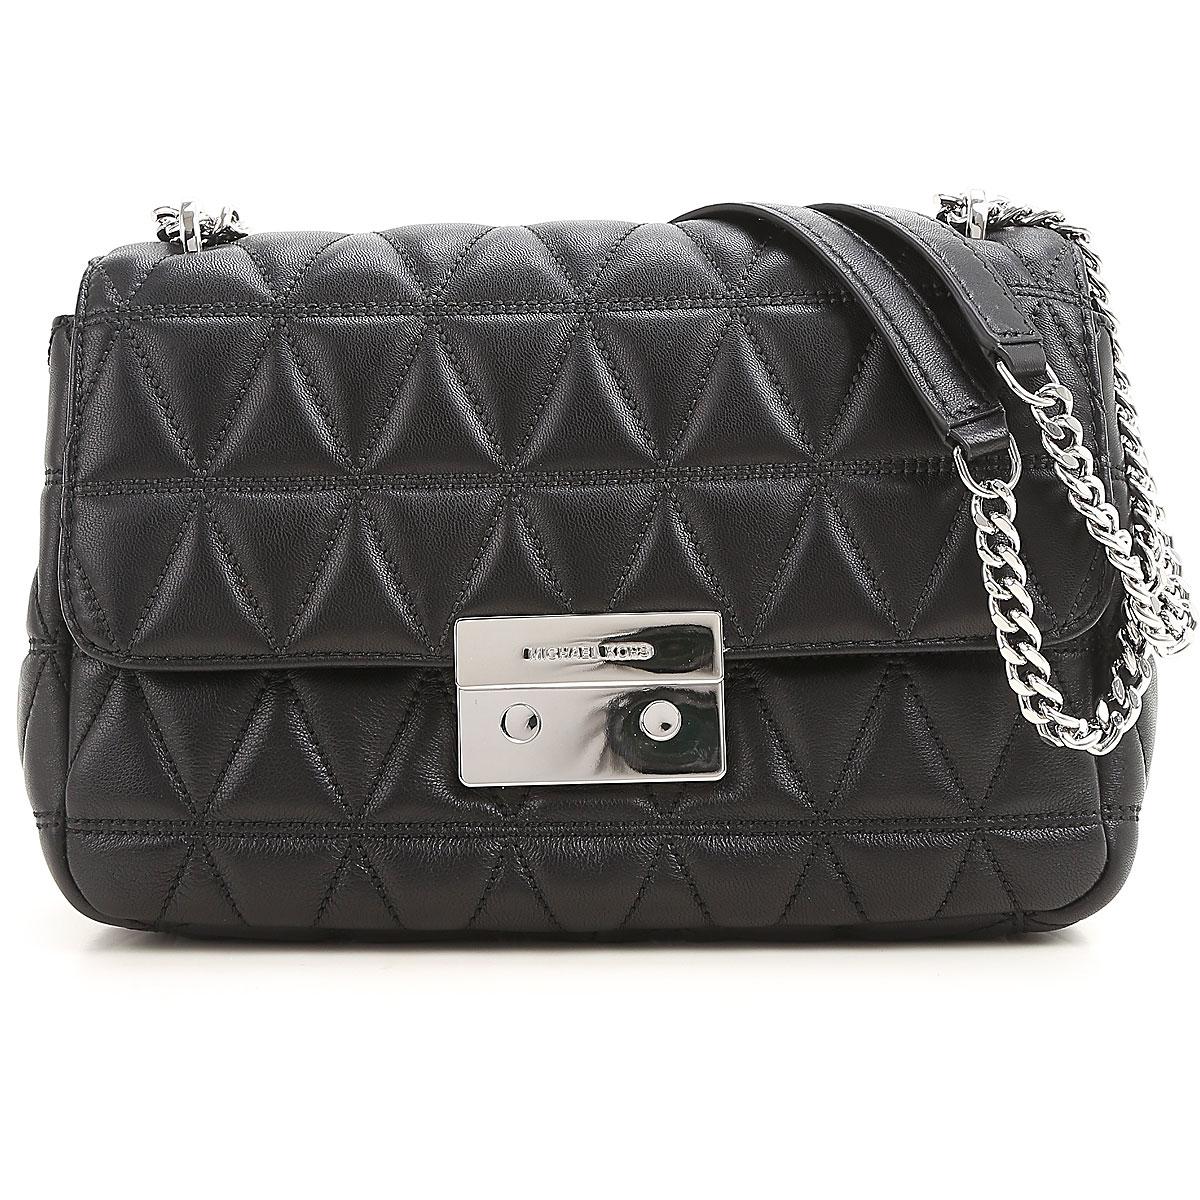 Michael Kors Shoulder Bag for Women, Sloan, Black, Leather, 2019